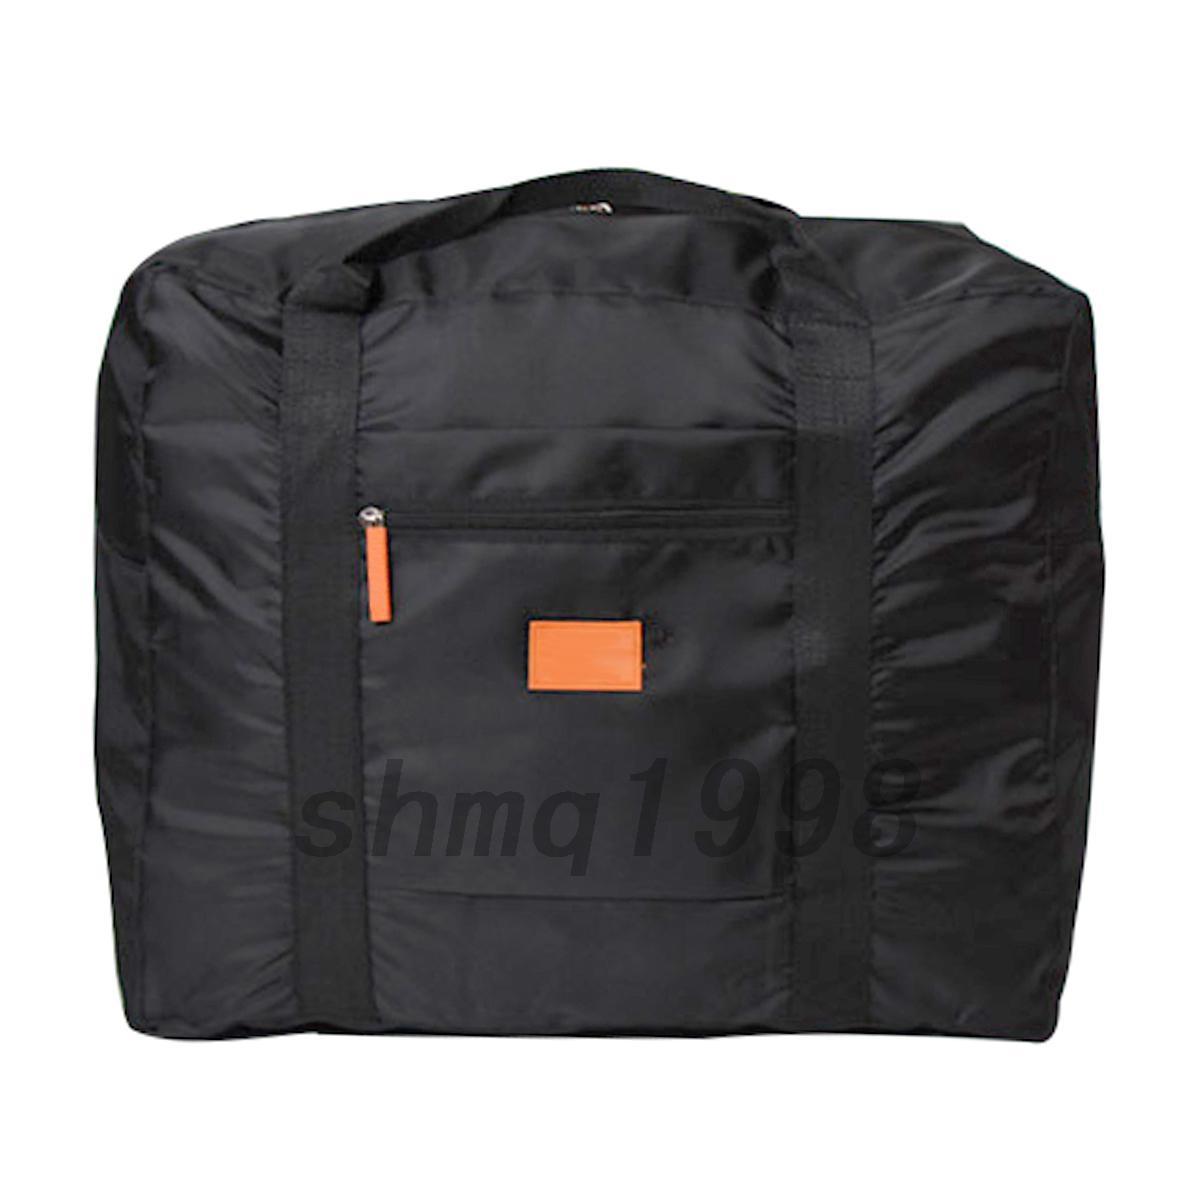 organiseurs tanche de sacs main sac de voyage pliable